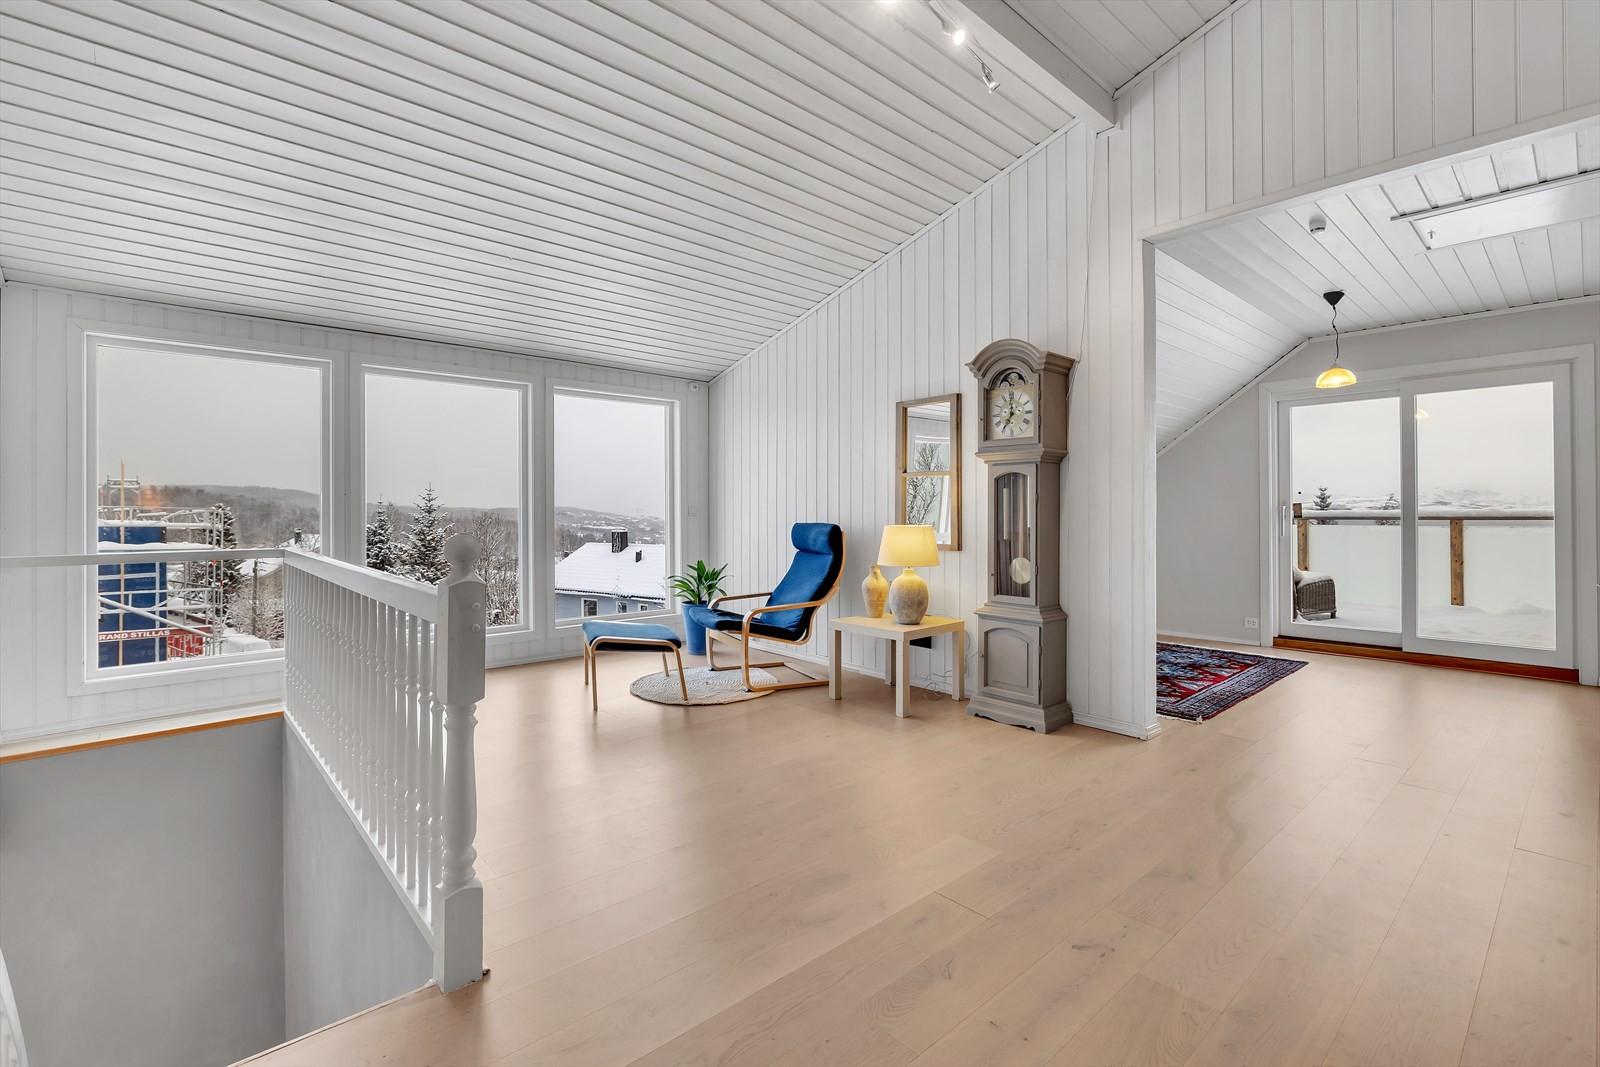 Loftstue med 3 soner så her er det god plass og nydelig utsikt fra både stue og terrasse.